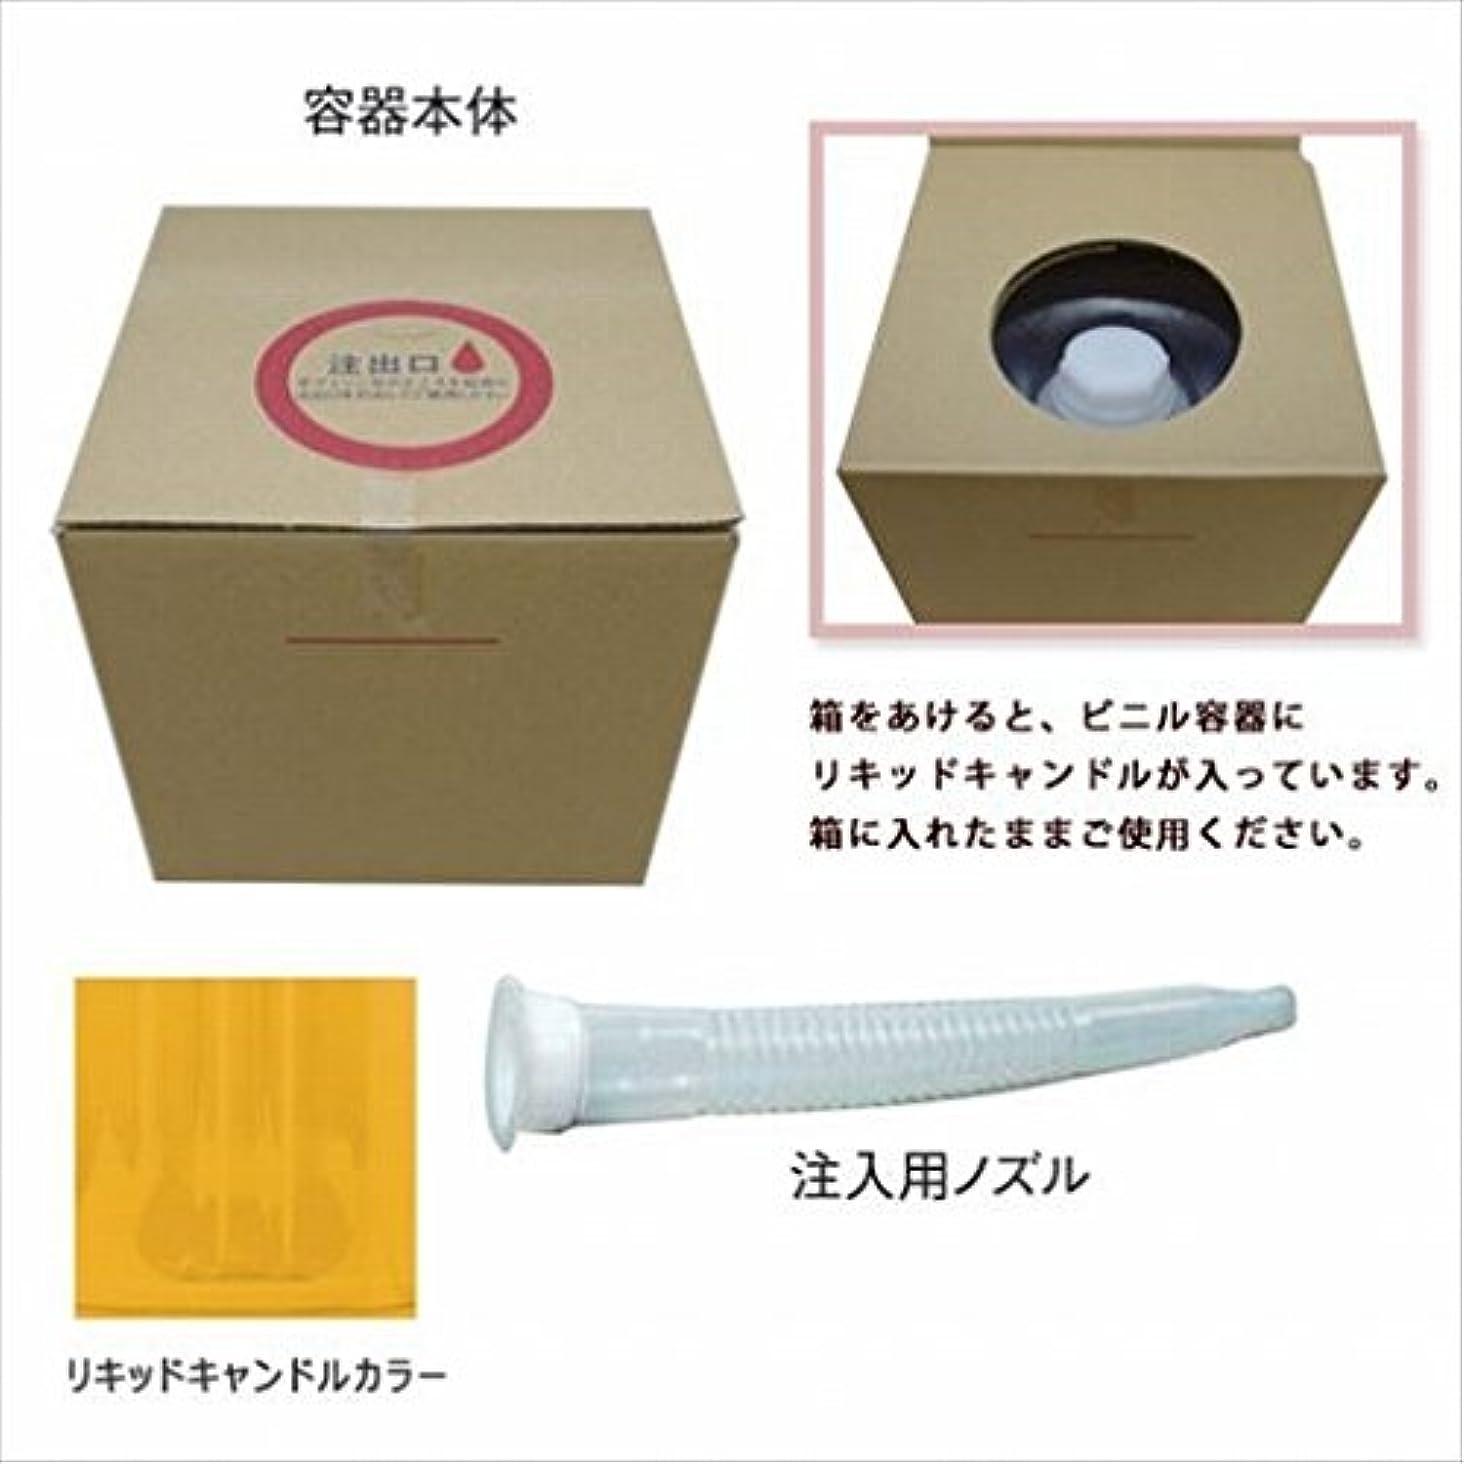 船乗りサンダース艦隊カメヤマキャンドル(kameyama candle) リキッドキャンドル5リットル 「 イエロー 」